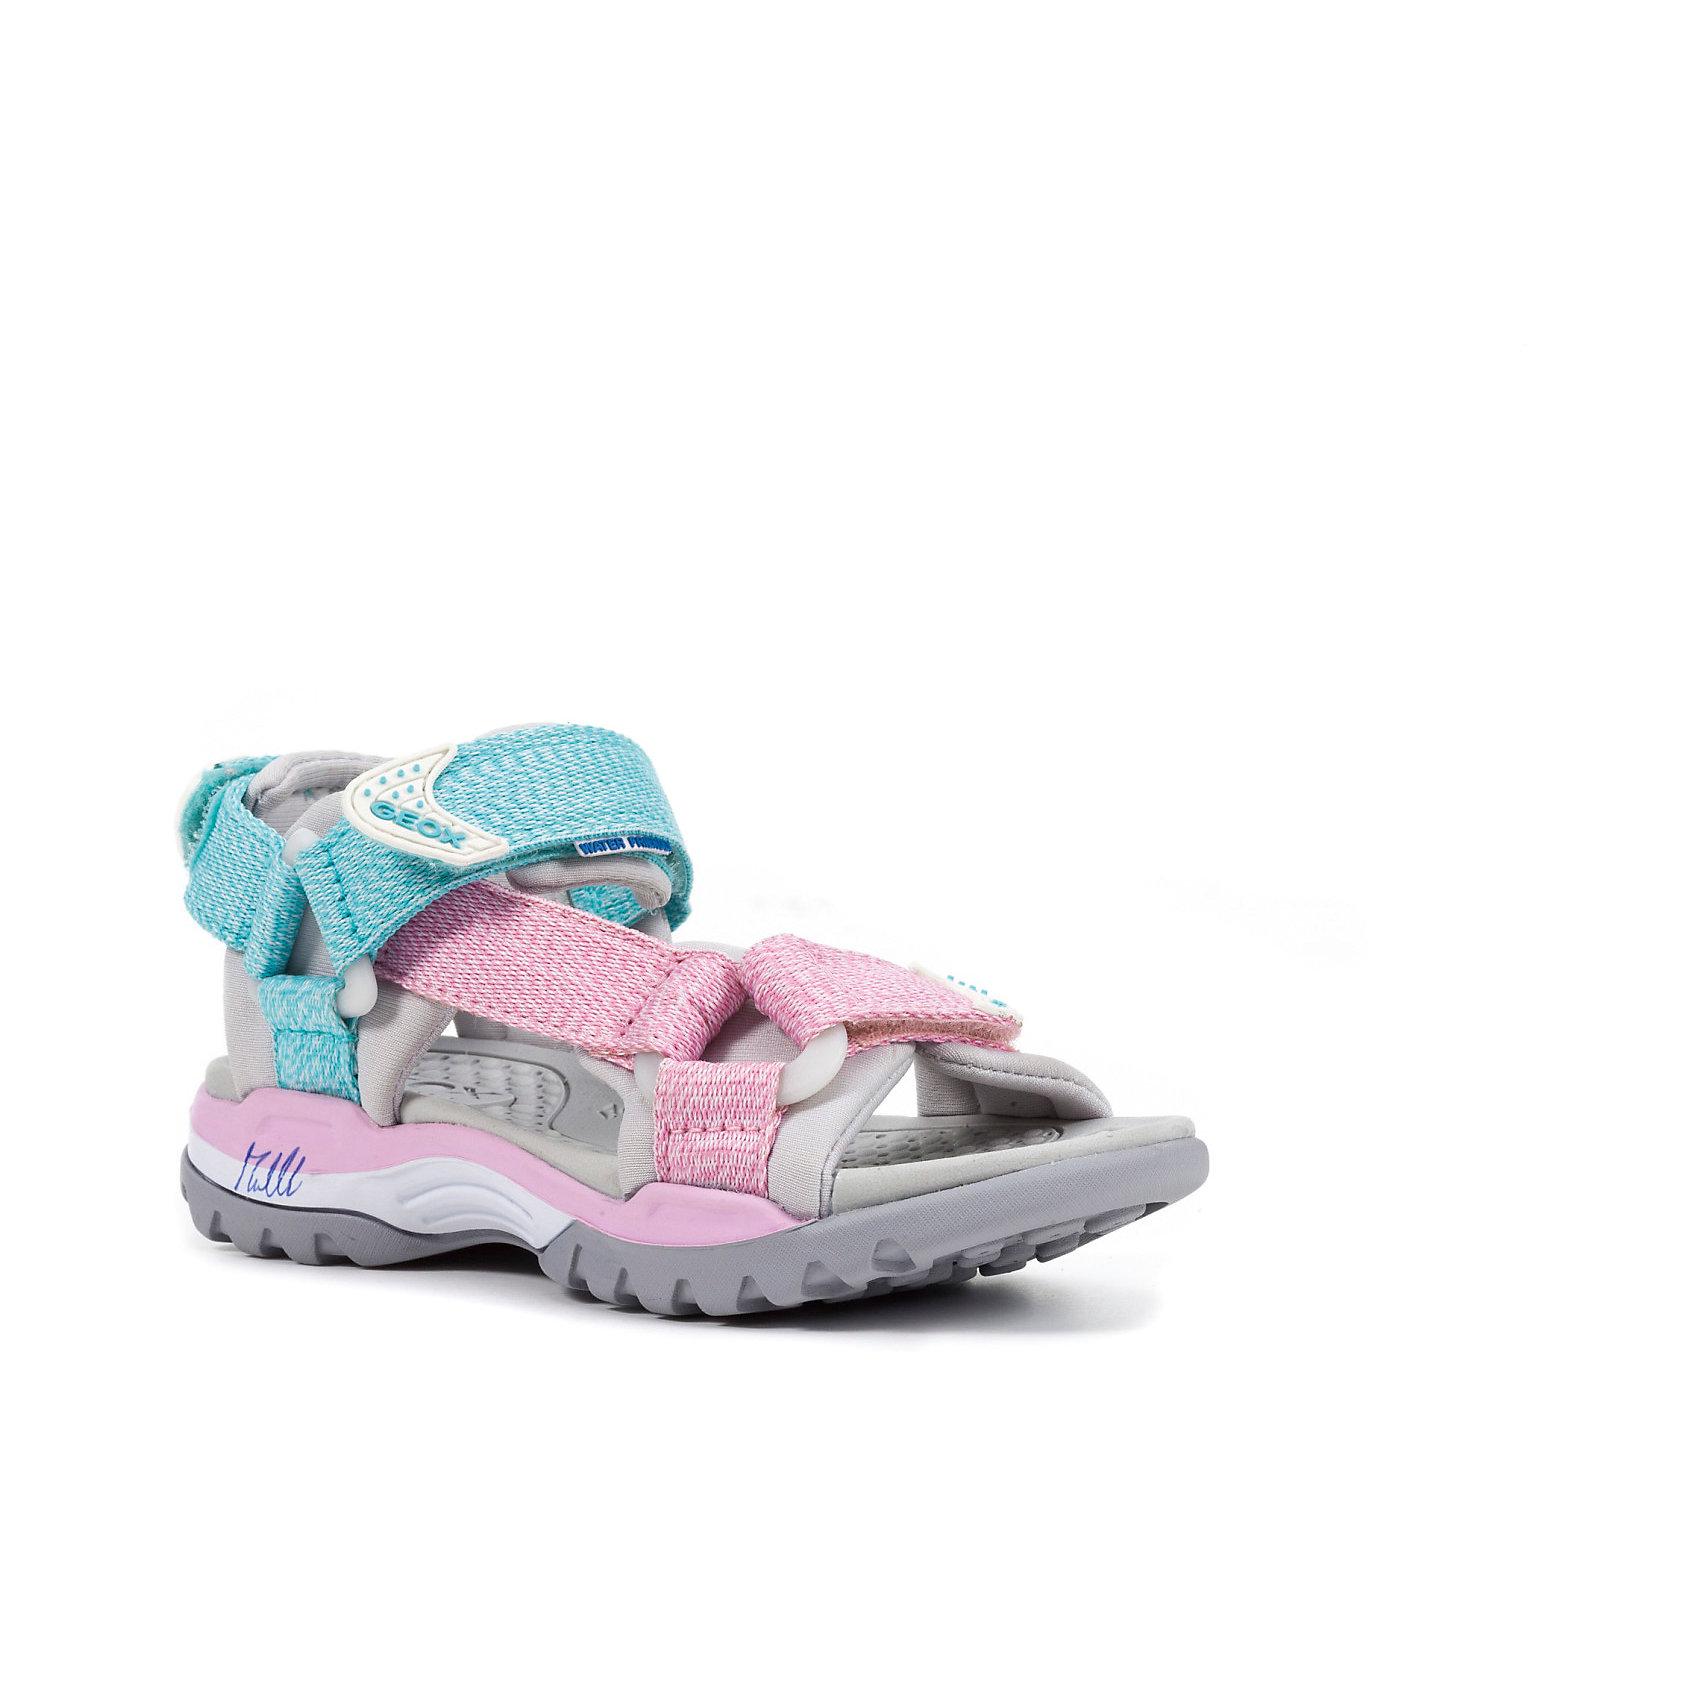 Сандалии для девочки GEOXХарактеристики товара:<br><br>• цвет: розовый/голубой<br>• внешний материал: текстиль<br>• внутренний материал: текстиль<br>• стелька: искусственные материалы<br>• подошва: резина<br>• застежка: липучка<br>• открытый носок<br>• спортивный стиль<br>• устойчивая подошва<br>• мембранная технология<br>• декорированы принтом<br>• коллекция: весна-лето 2017<br>• страна бренда: Италия<br><br>Легкие удобные сандали помогут обеспечить ребенку комфорт и дополнить наряд. Универсальный цвет позволяет надевать их под одежду разных расцветок. Сандали удобно сидят на ноге и стильно смотрятся. Отличный вариант для жаркой погоды!<br><br>Обувь от бренда GEOX - это классический пример итальянского стиля и высокого качества, известных по всему миру. Модели этой марки - неизменно модные и комфортные. Для их производства используются только безопасные, качественные материалы и фурнитура. Отличие этой линейки обуви - мембранная технология, которая обеспечивает естественное дыхание обуви и в то же время не пропускает воду. Это особенно важно для детской обуви!<br><br>Сандали от итальянского бренда GEOX (ГЕОКС) можно купить в нашем интернет-магазине.<br><br>Ширина мм: 227<br>Глубина мм: 145<br>Высота мм: 124<br>Вес г: 325<br>Цвет: розовый<br>Возраст от месяцев: 132<br>Возраст до месяцев: 144<br>Пол: Женский<br>Возраст: Детский<br>Размер: 35,27,28,29,30,31,32,33,34<br>SKU: 5335774